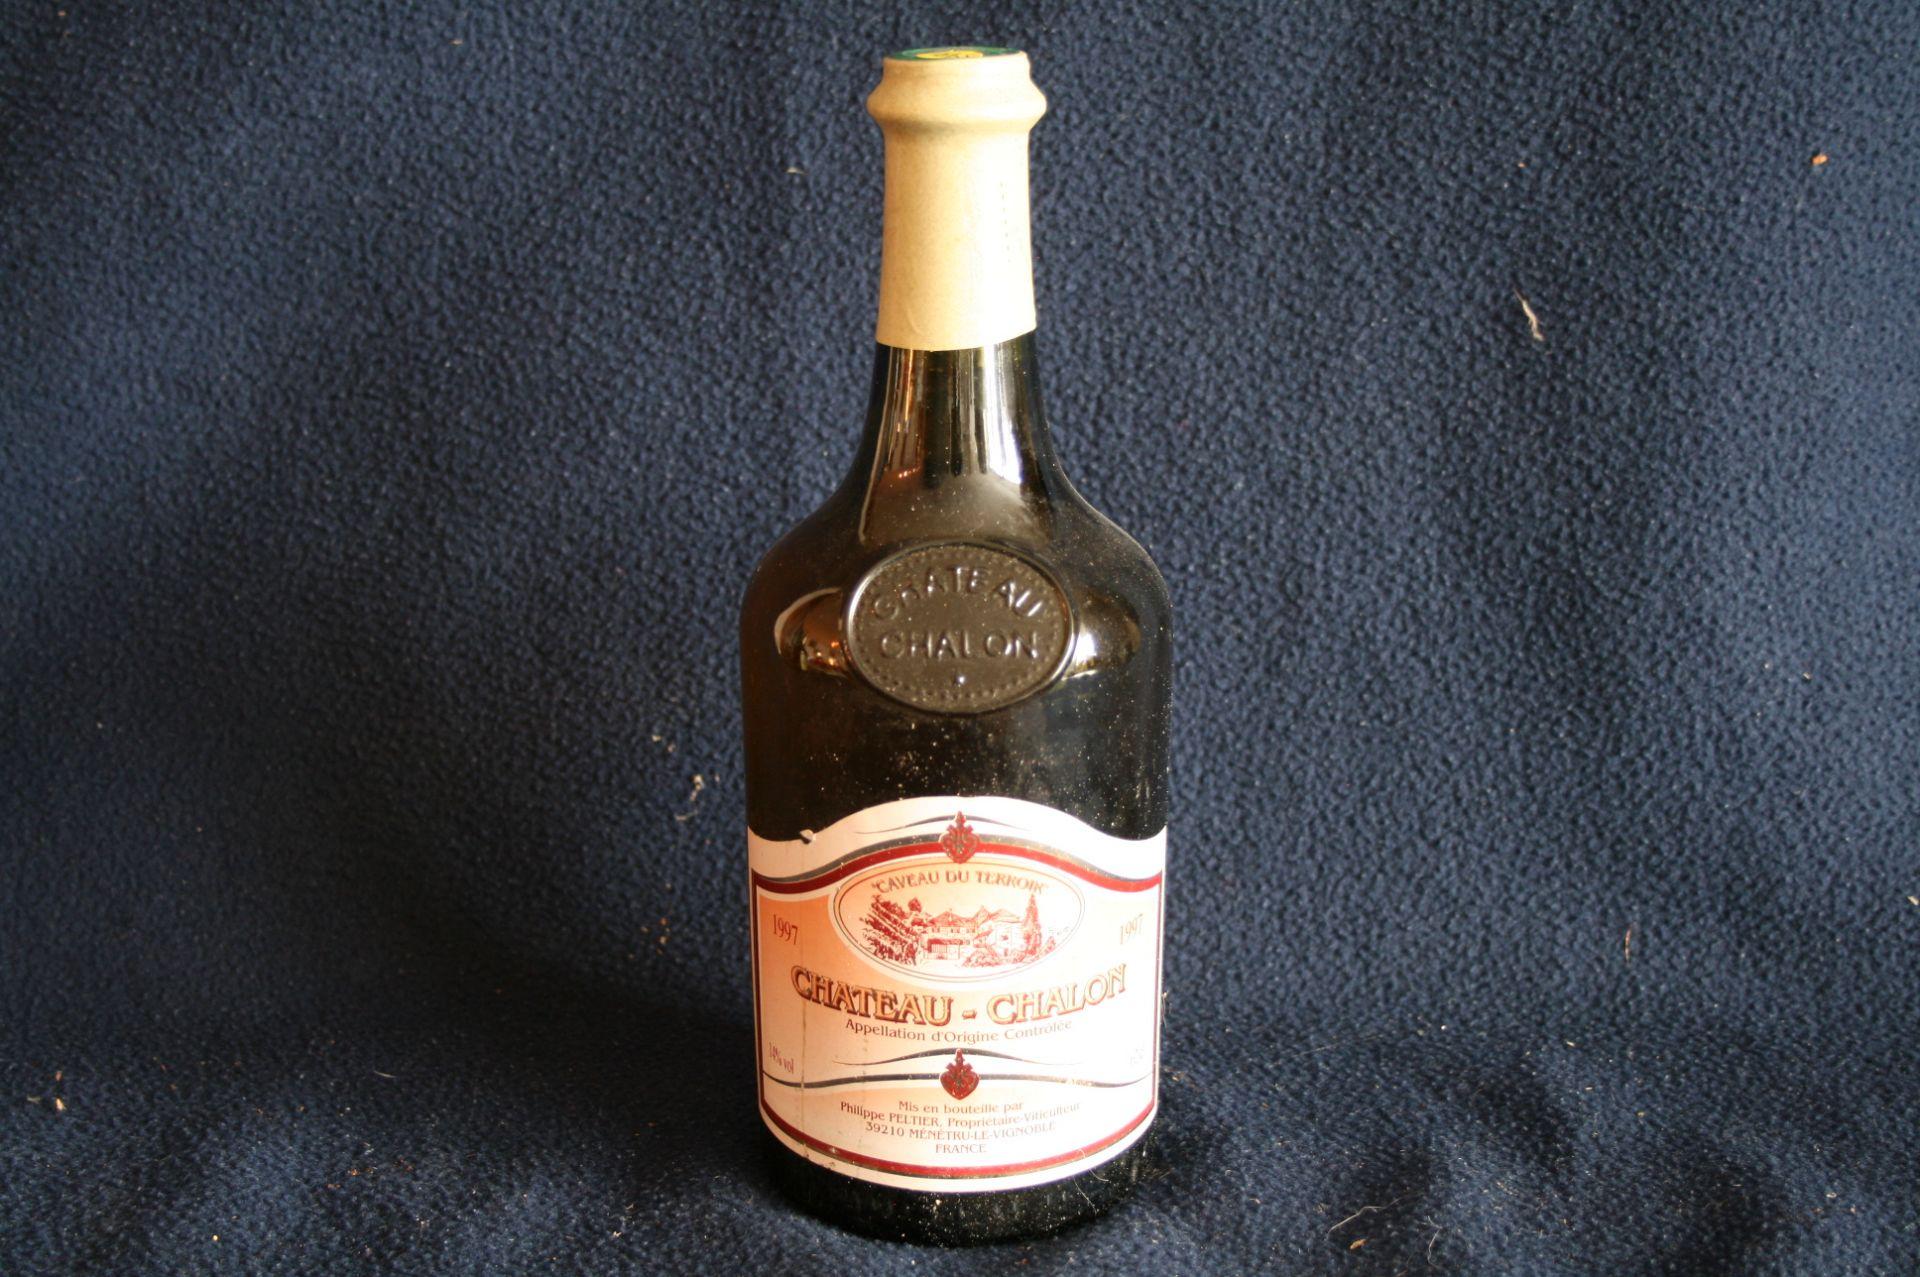 """Los 31 - 1 bouteille de CHATEAU-CHALON """"Caveau du terroir"""", 1997 - 1 bottle of CHATEAU-CHALON [...]"""